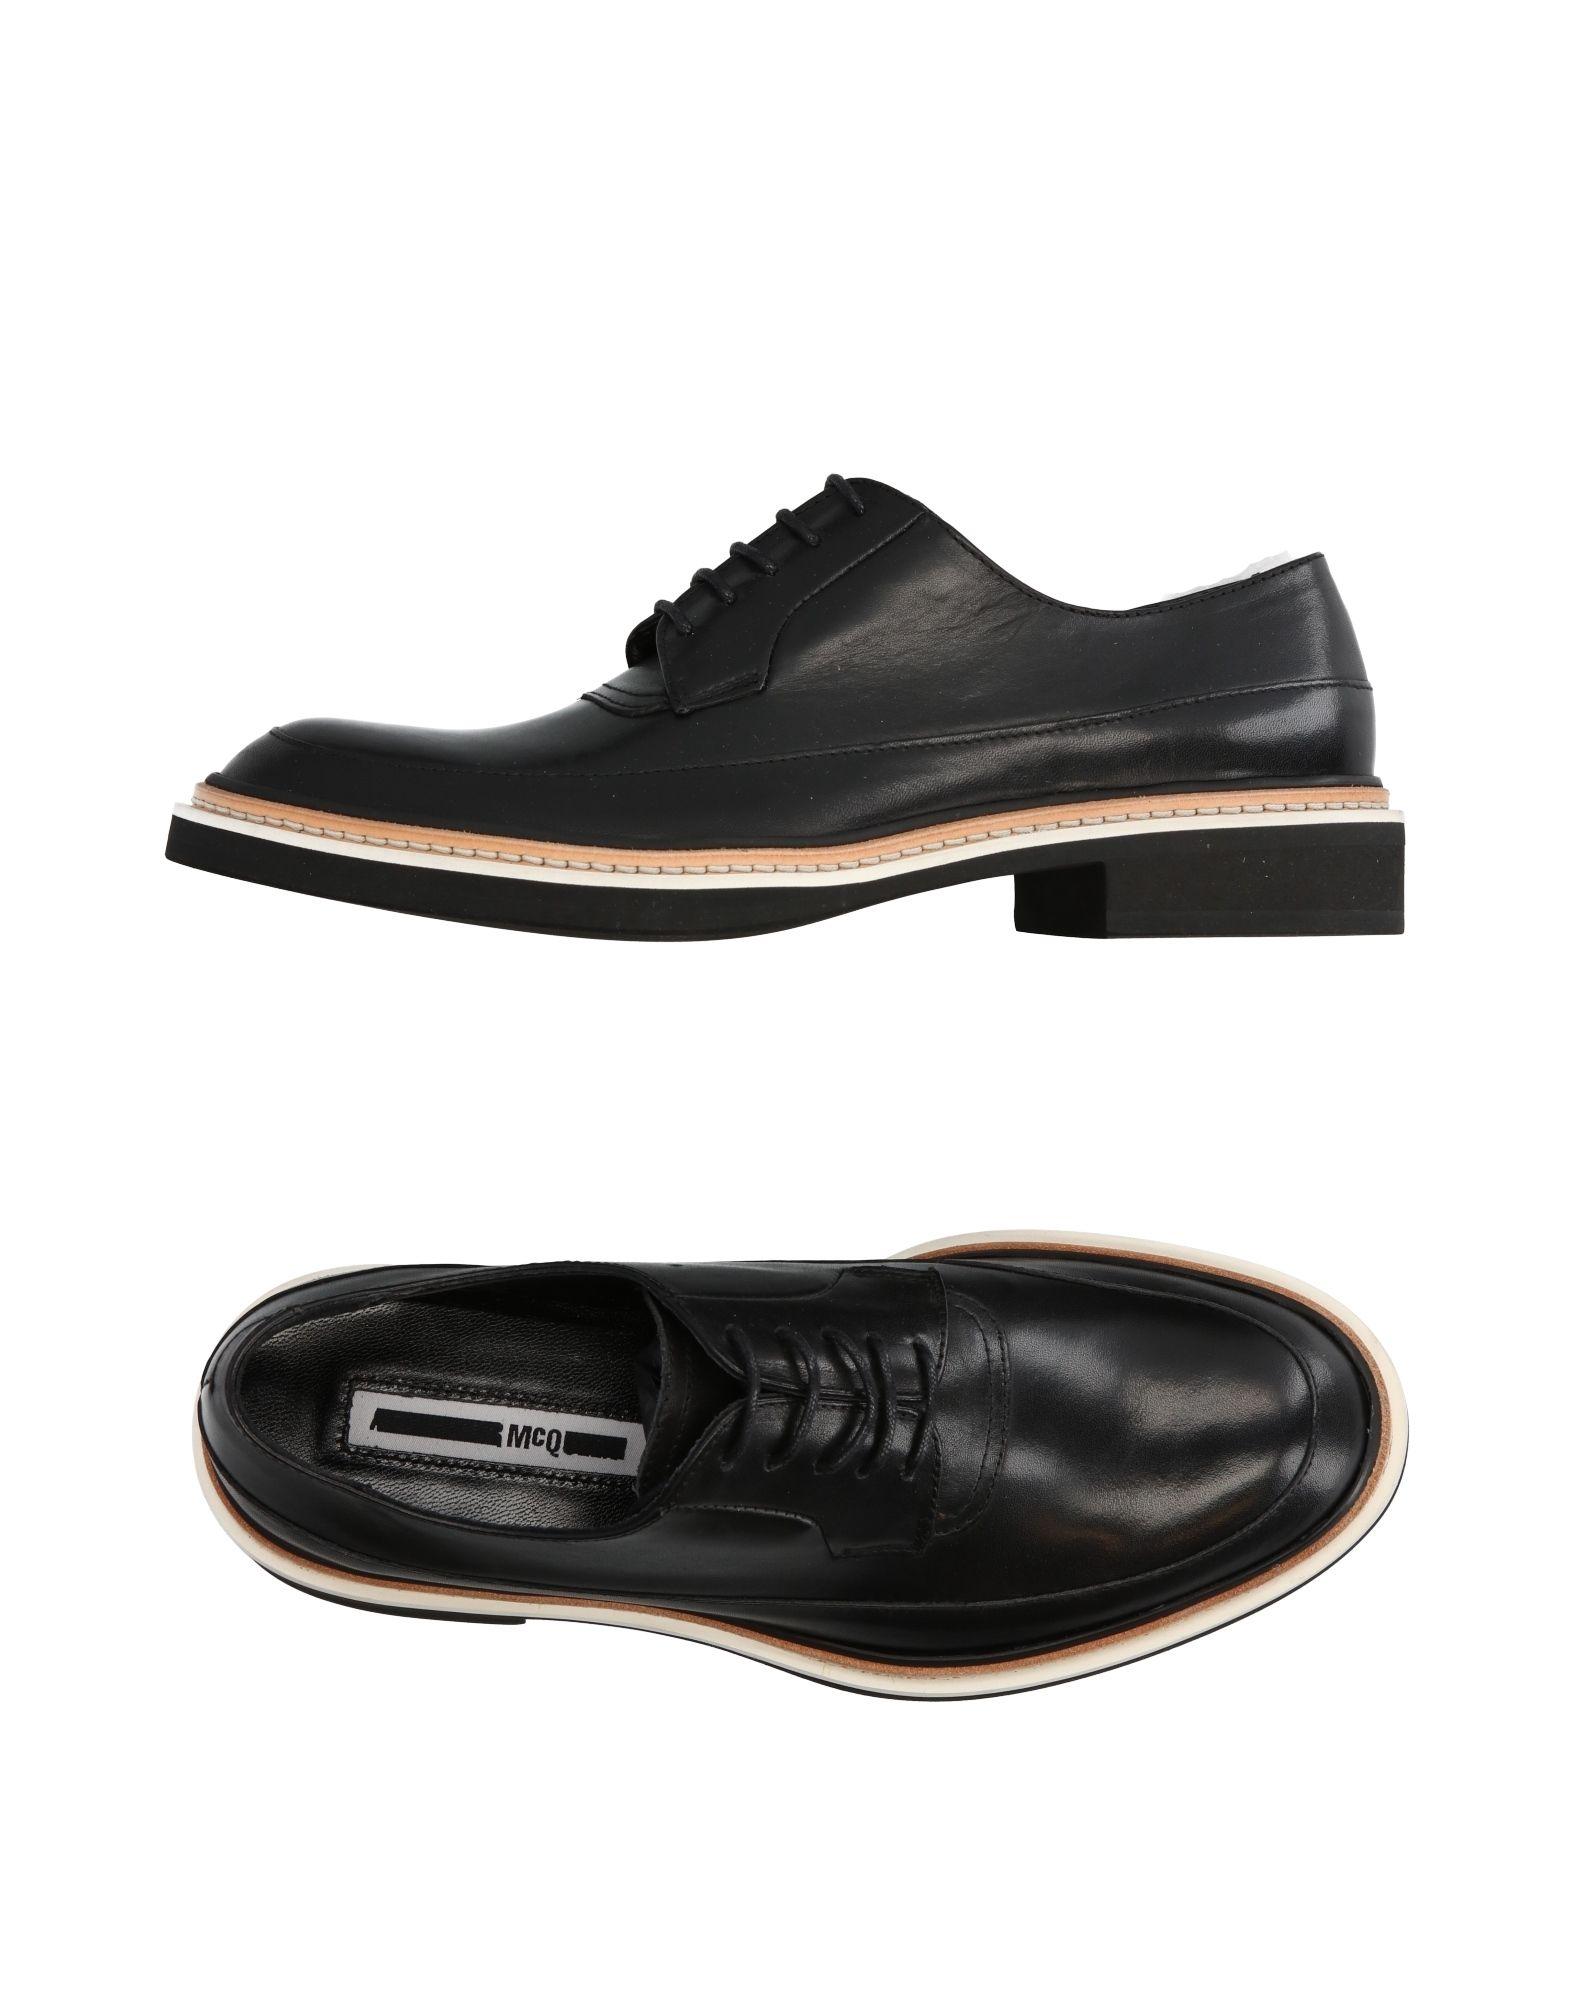 Rabatt Schuhe Mcq Alexander Mcqueen Schnürschuhe Damen  11290840WP